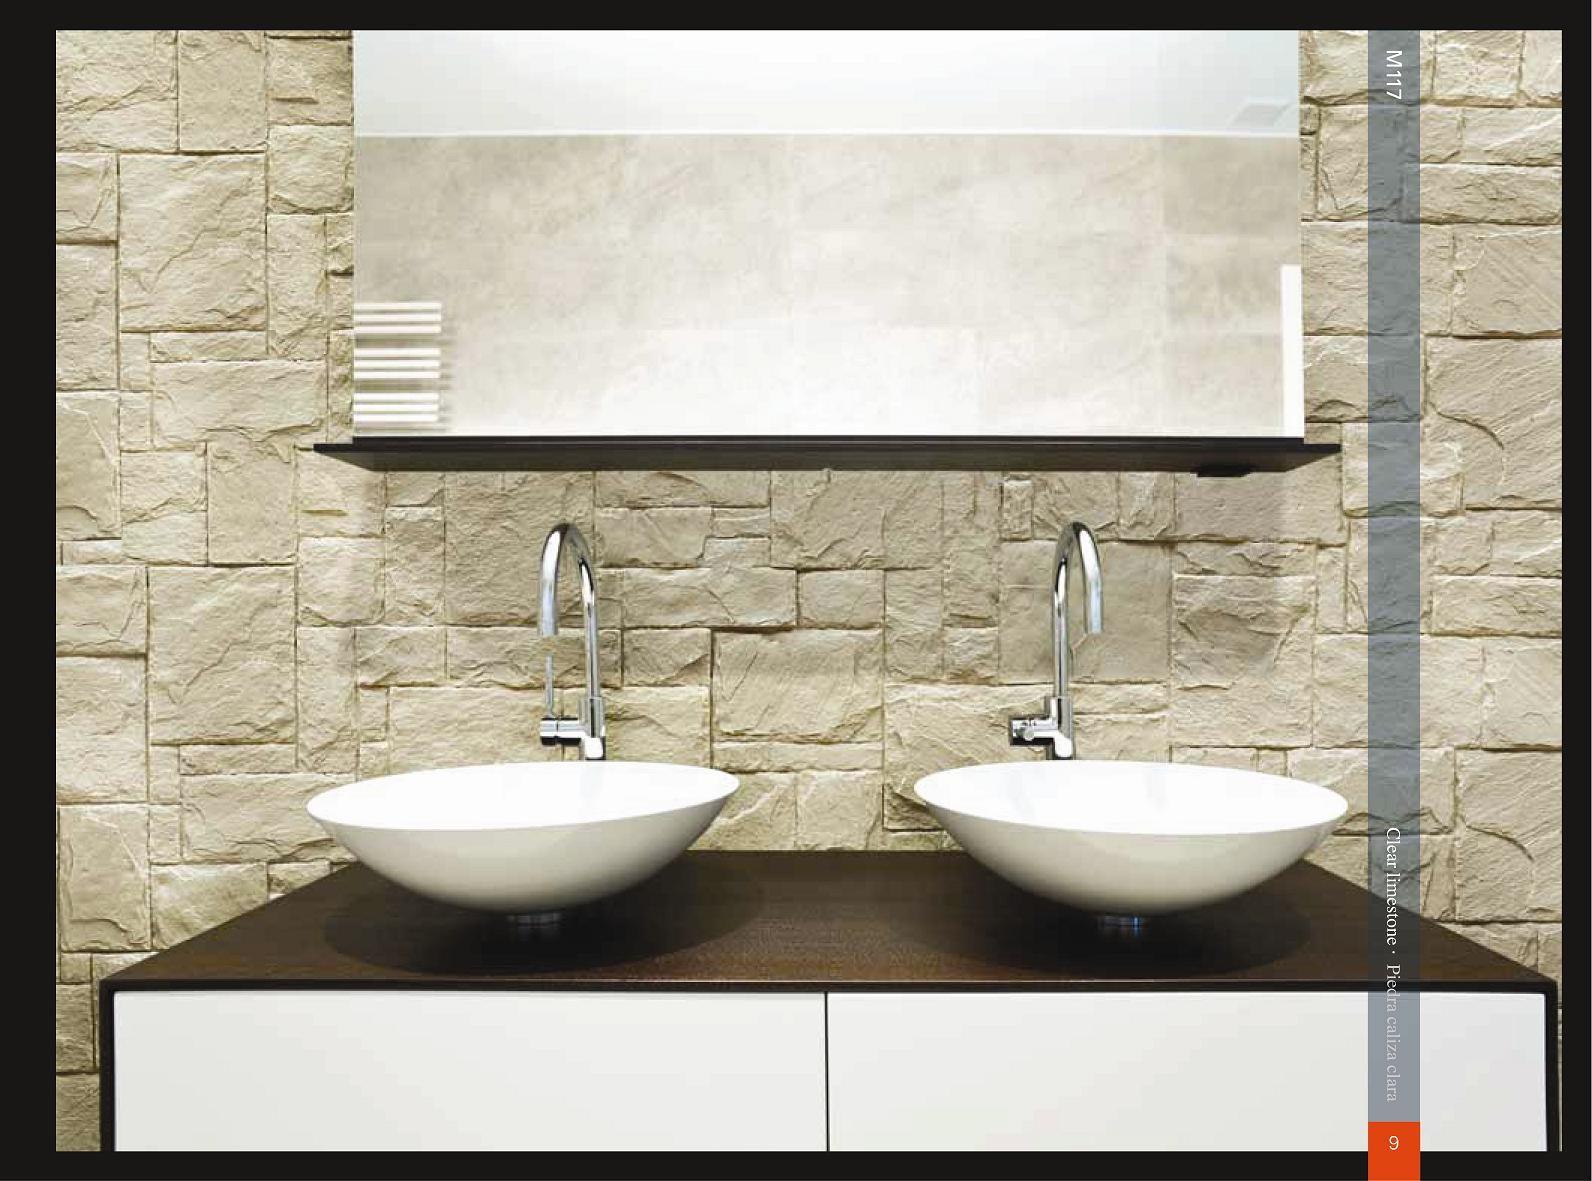 Dekorative isolierung externe und interne isolierungdie for Dekorative bilder wohnzimmer